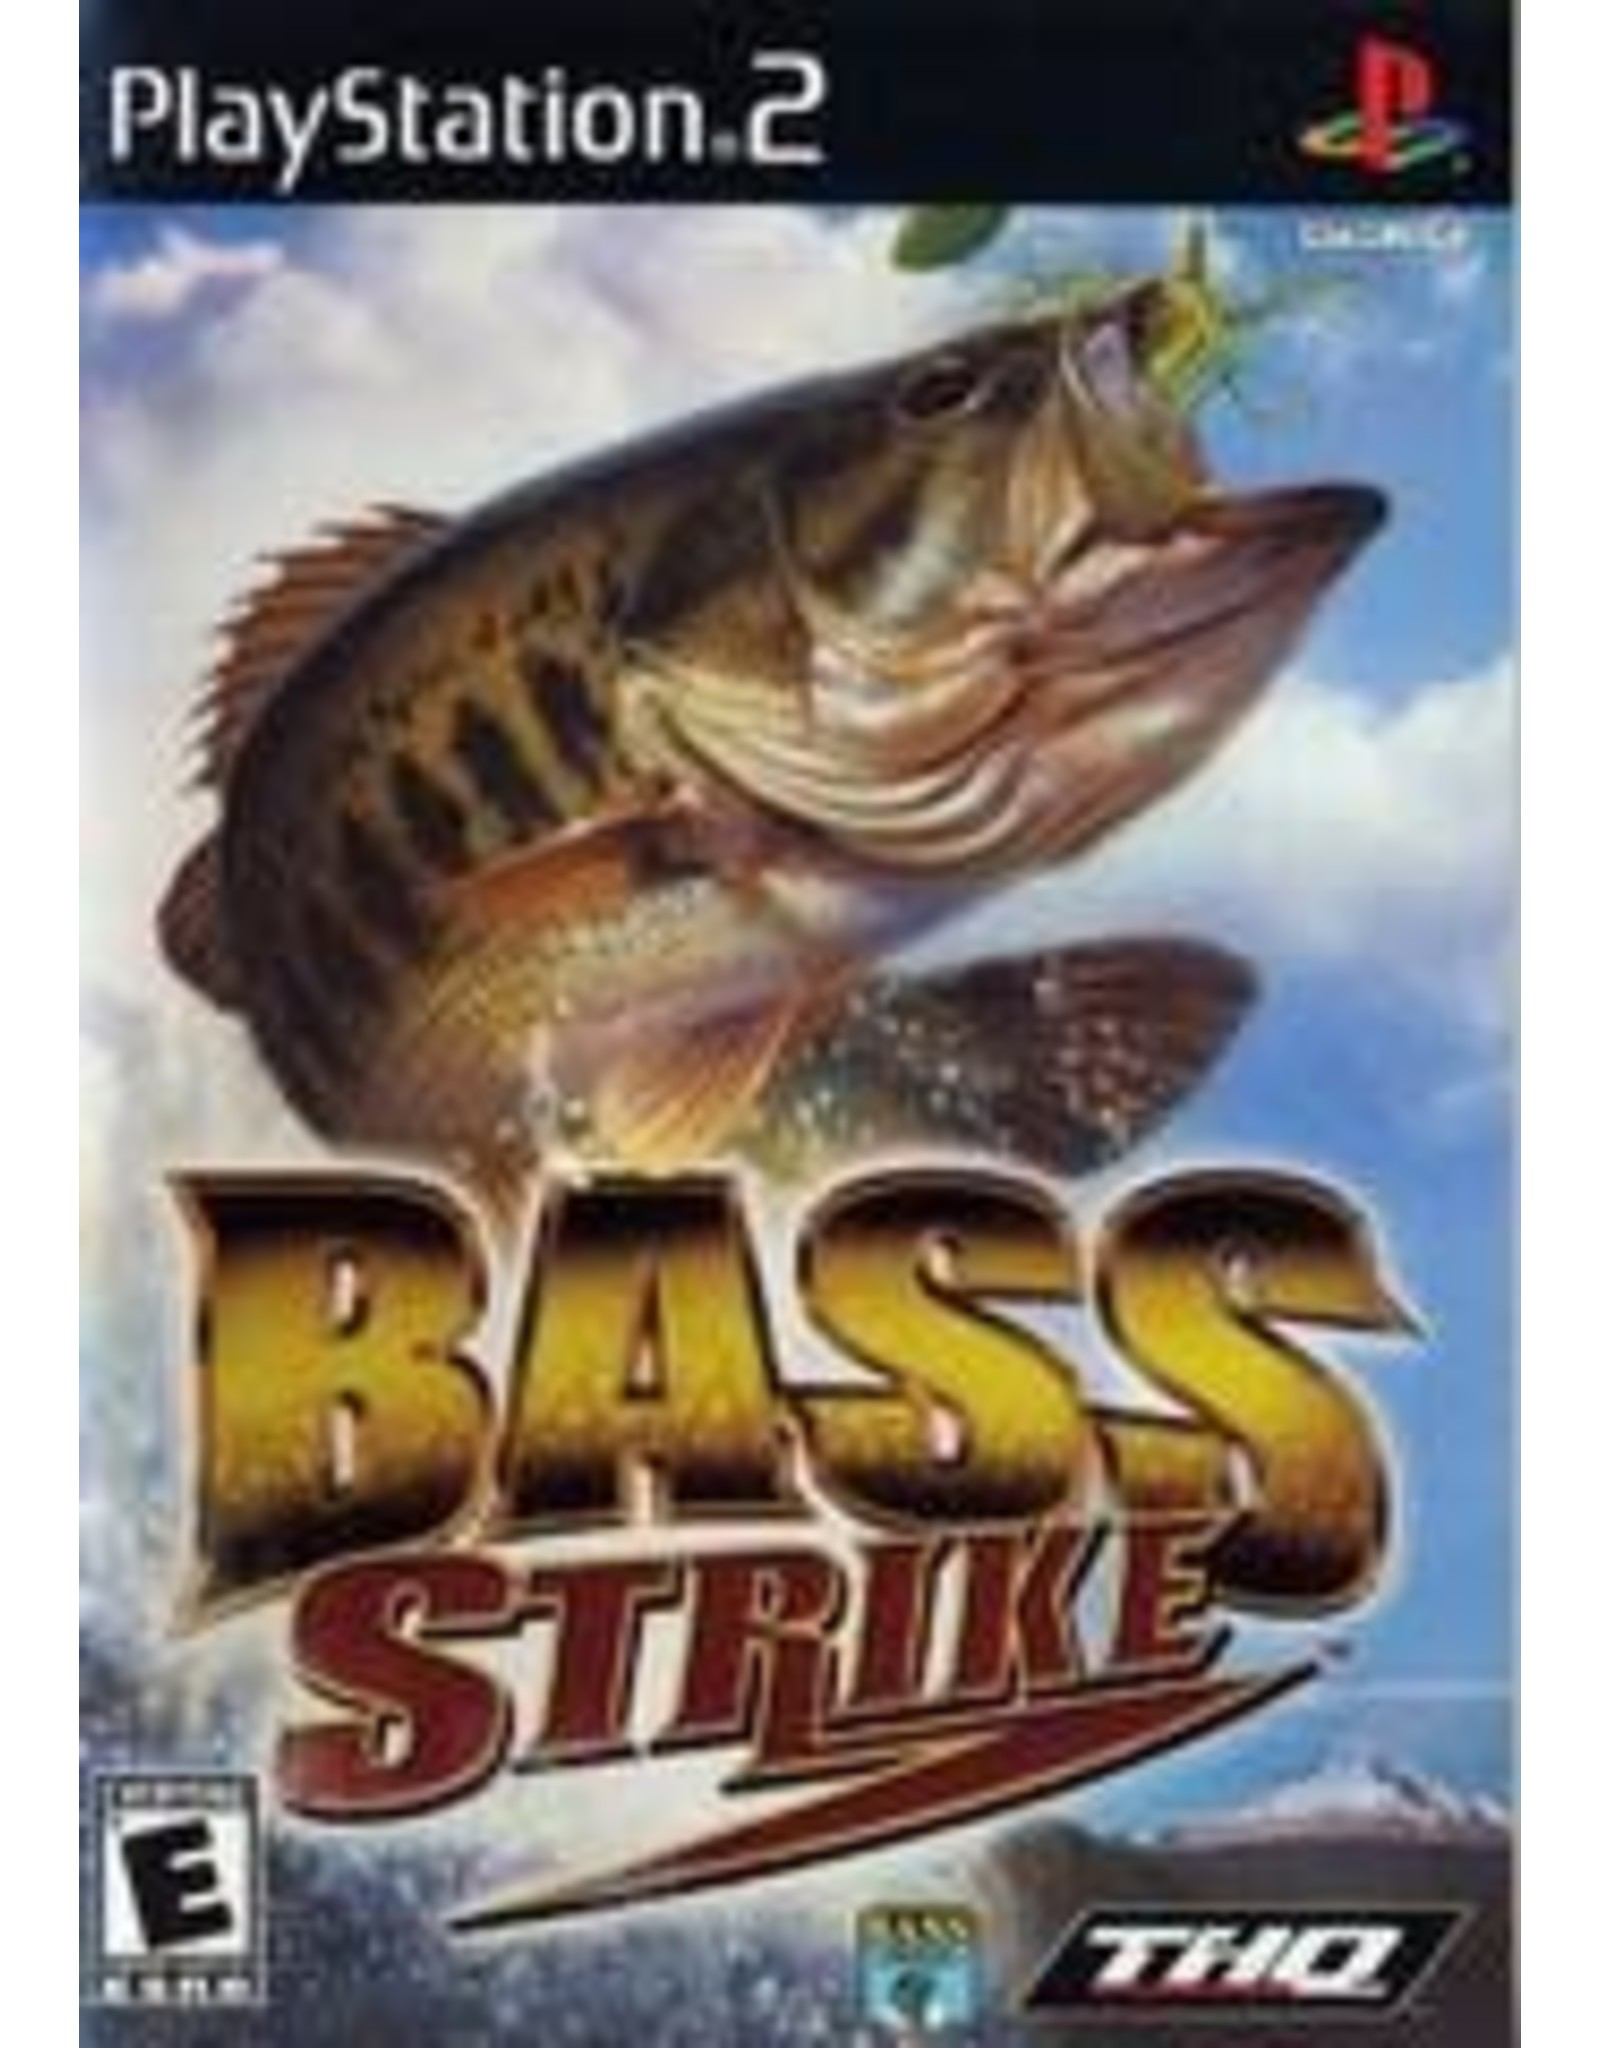 Playstation 2 Bass Strike (CiB)